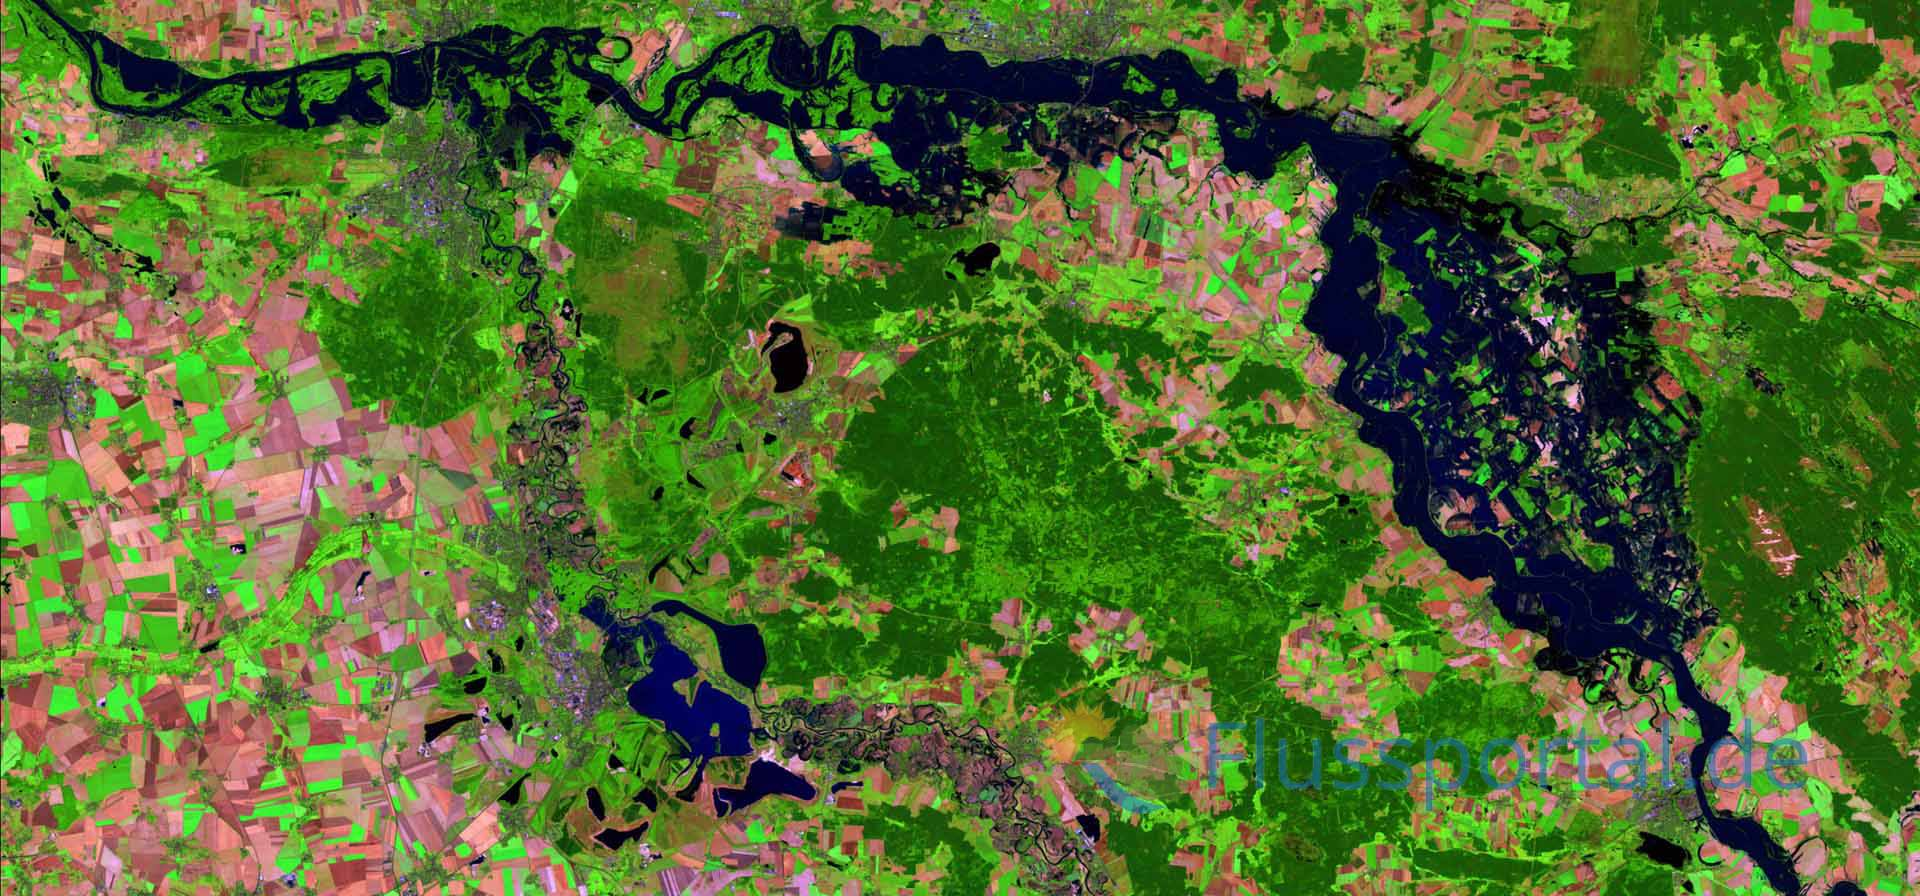 Das Elbe-Elster Tiefland ist die erste Großlandschaft die die Mittleren Elbe durchquert